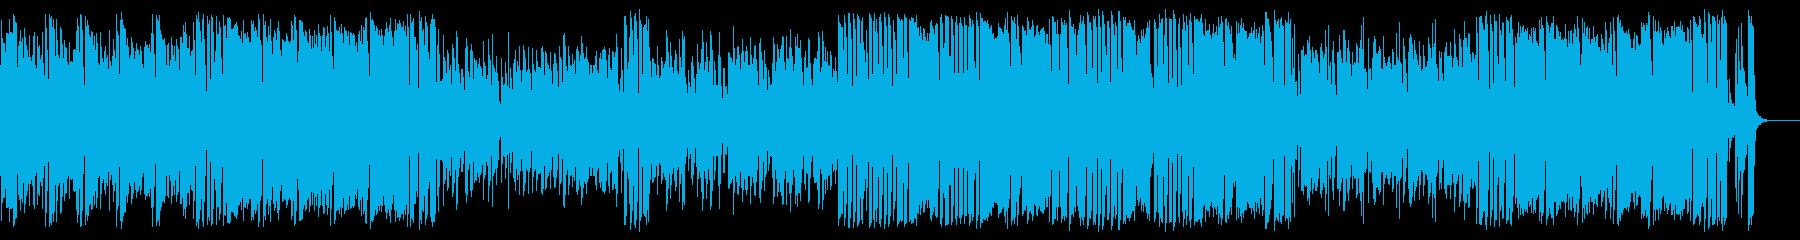 豪華で楽しい王道ビックバンドジャズの再生済みの波形